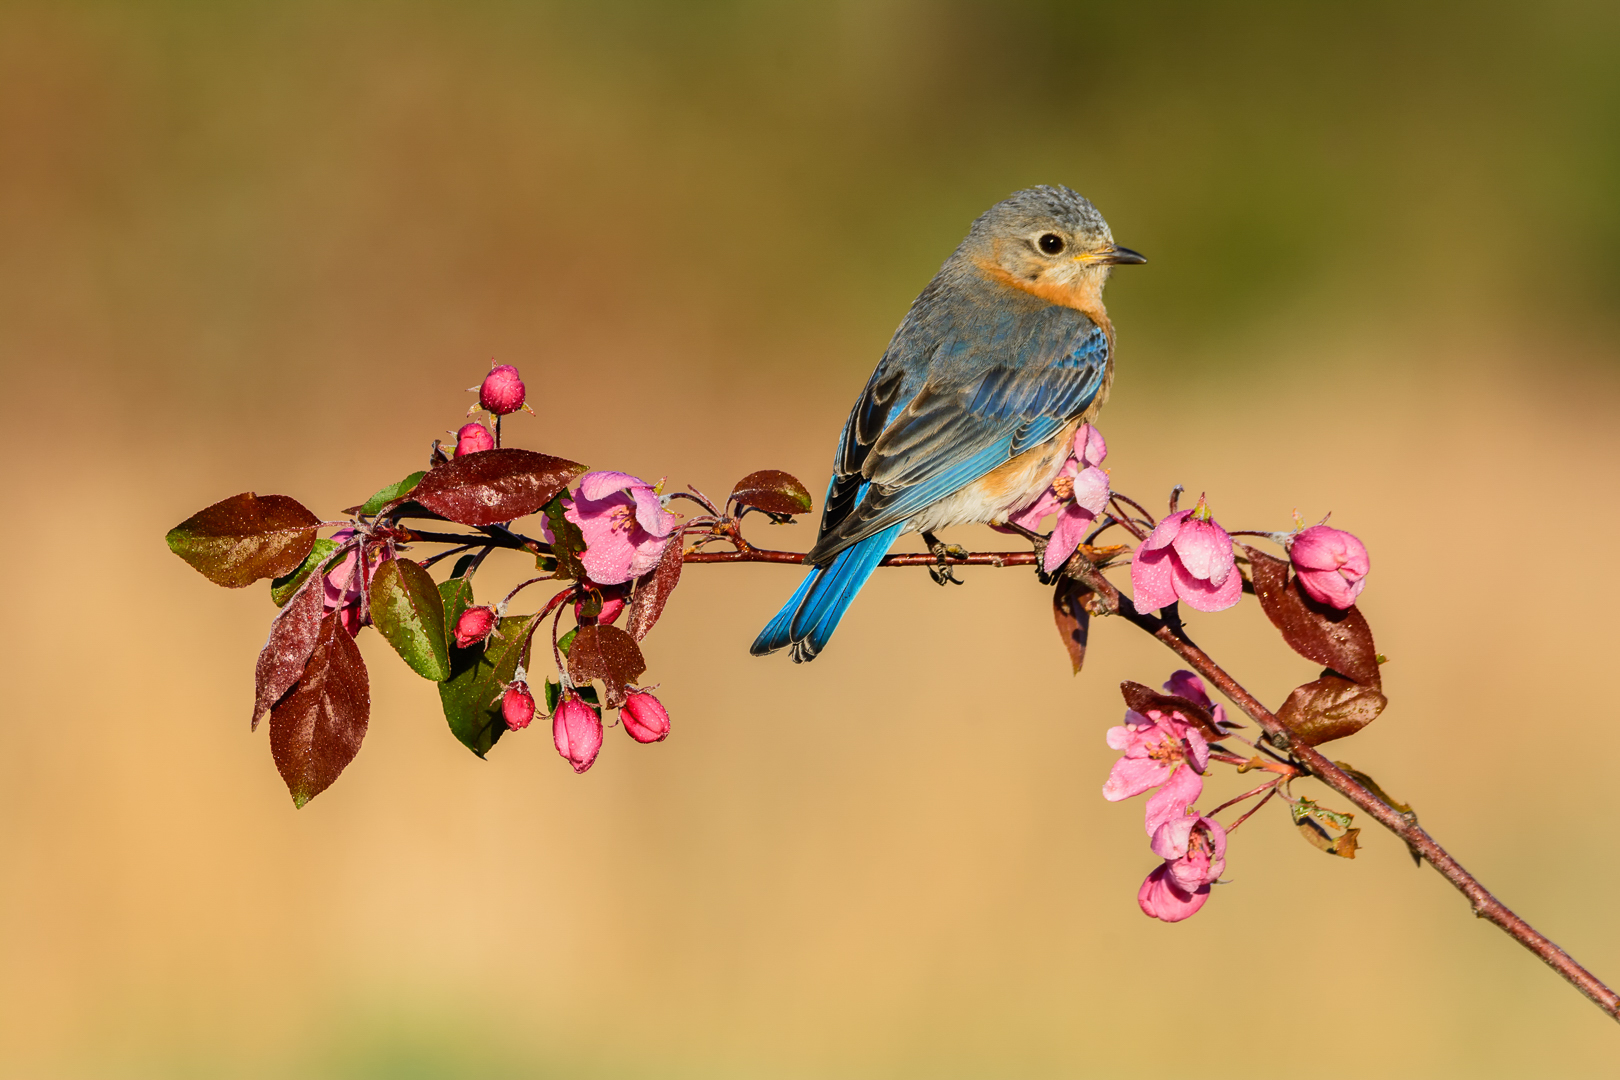 Eastern Bluebird Female, Sitting Pretty